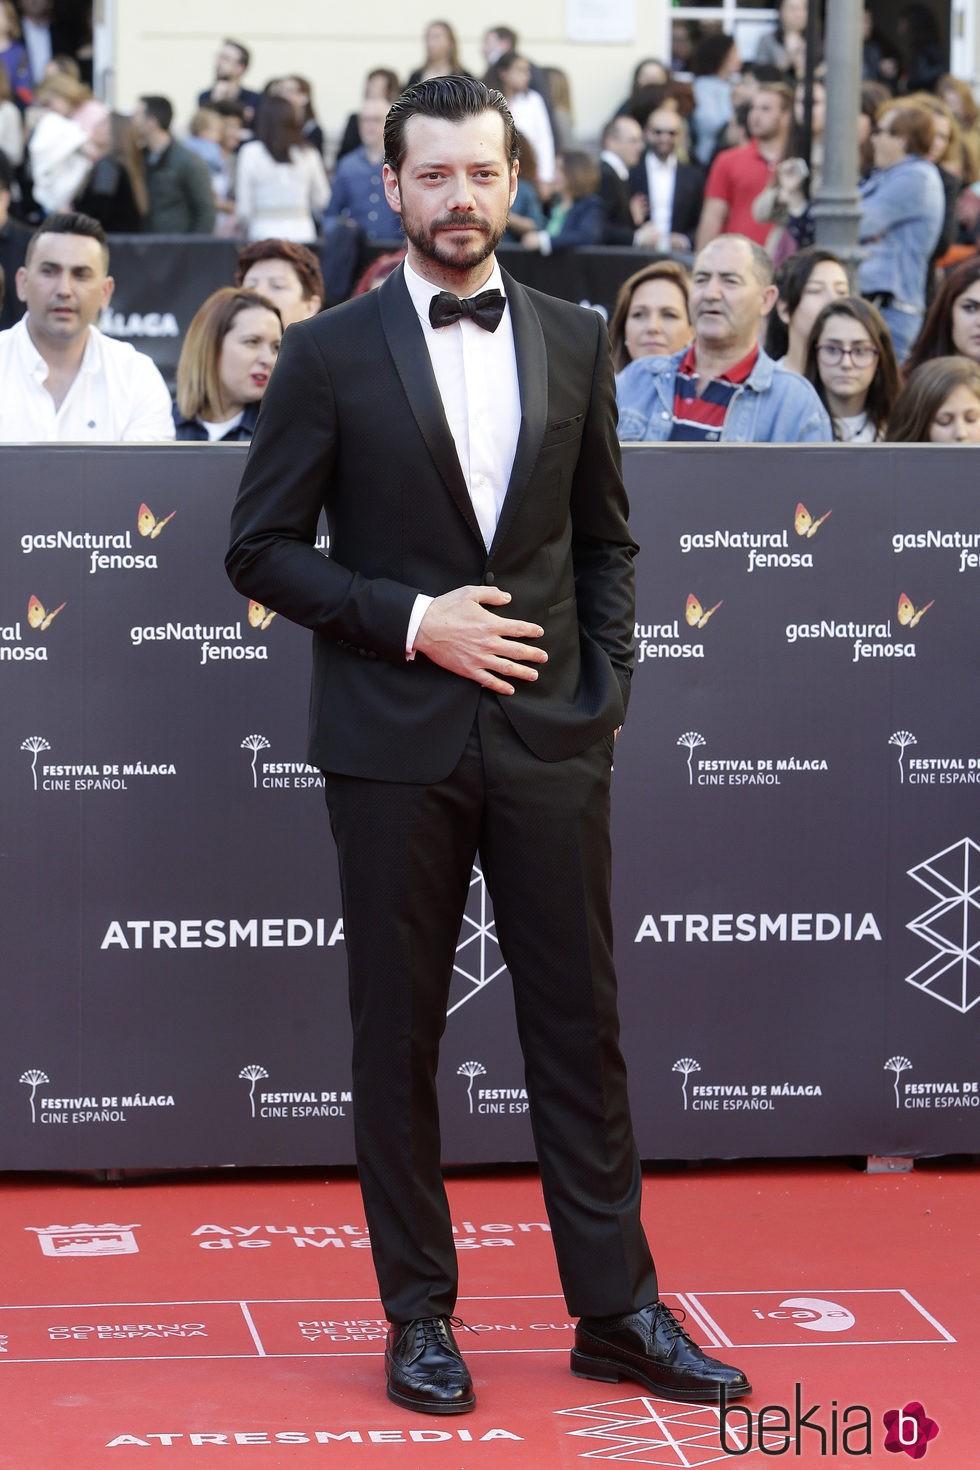 Álvaro Morte en la gala de inauguración del Festival de Cine de Málaga 2016